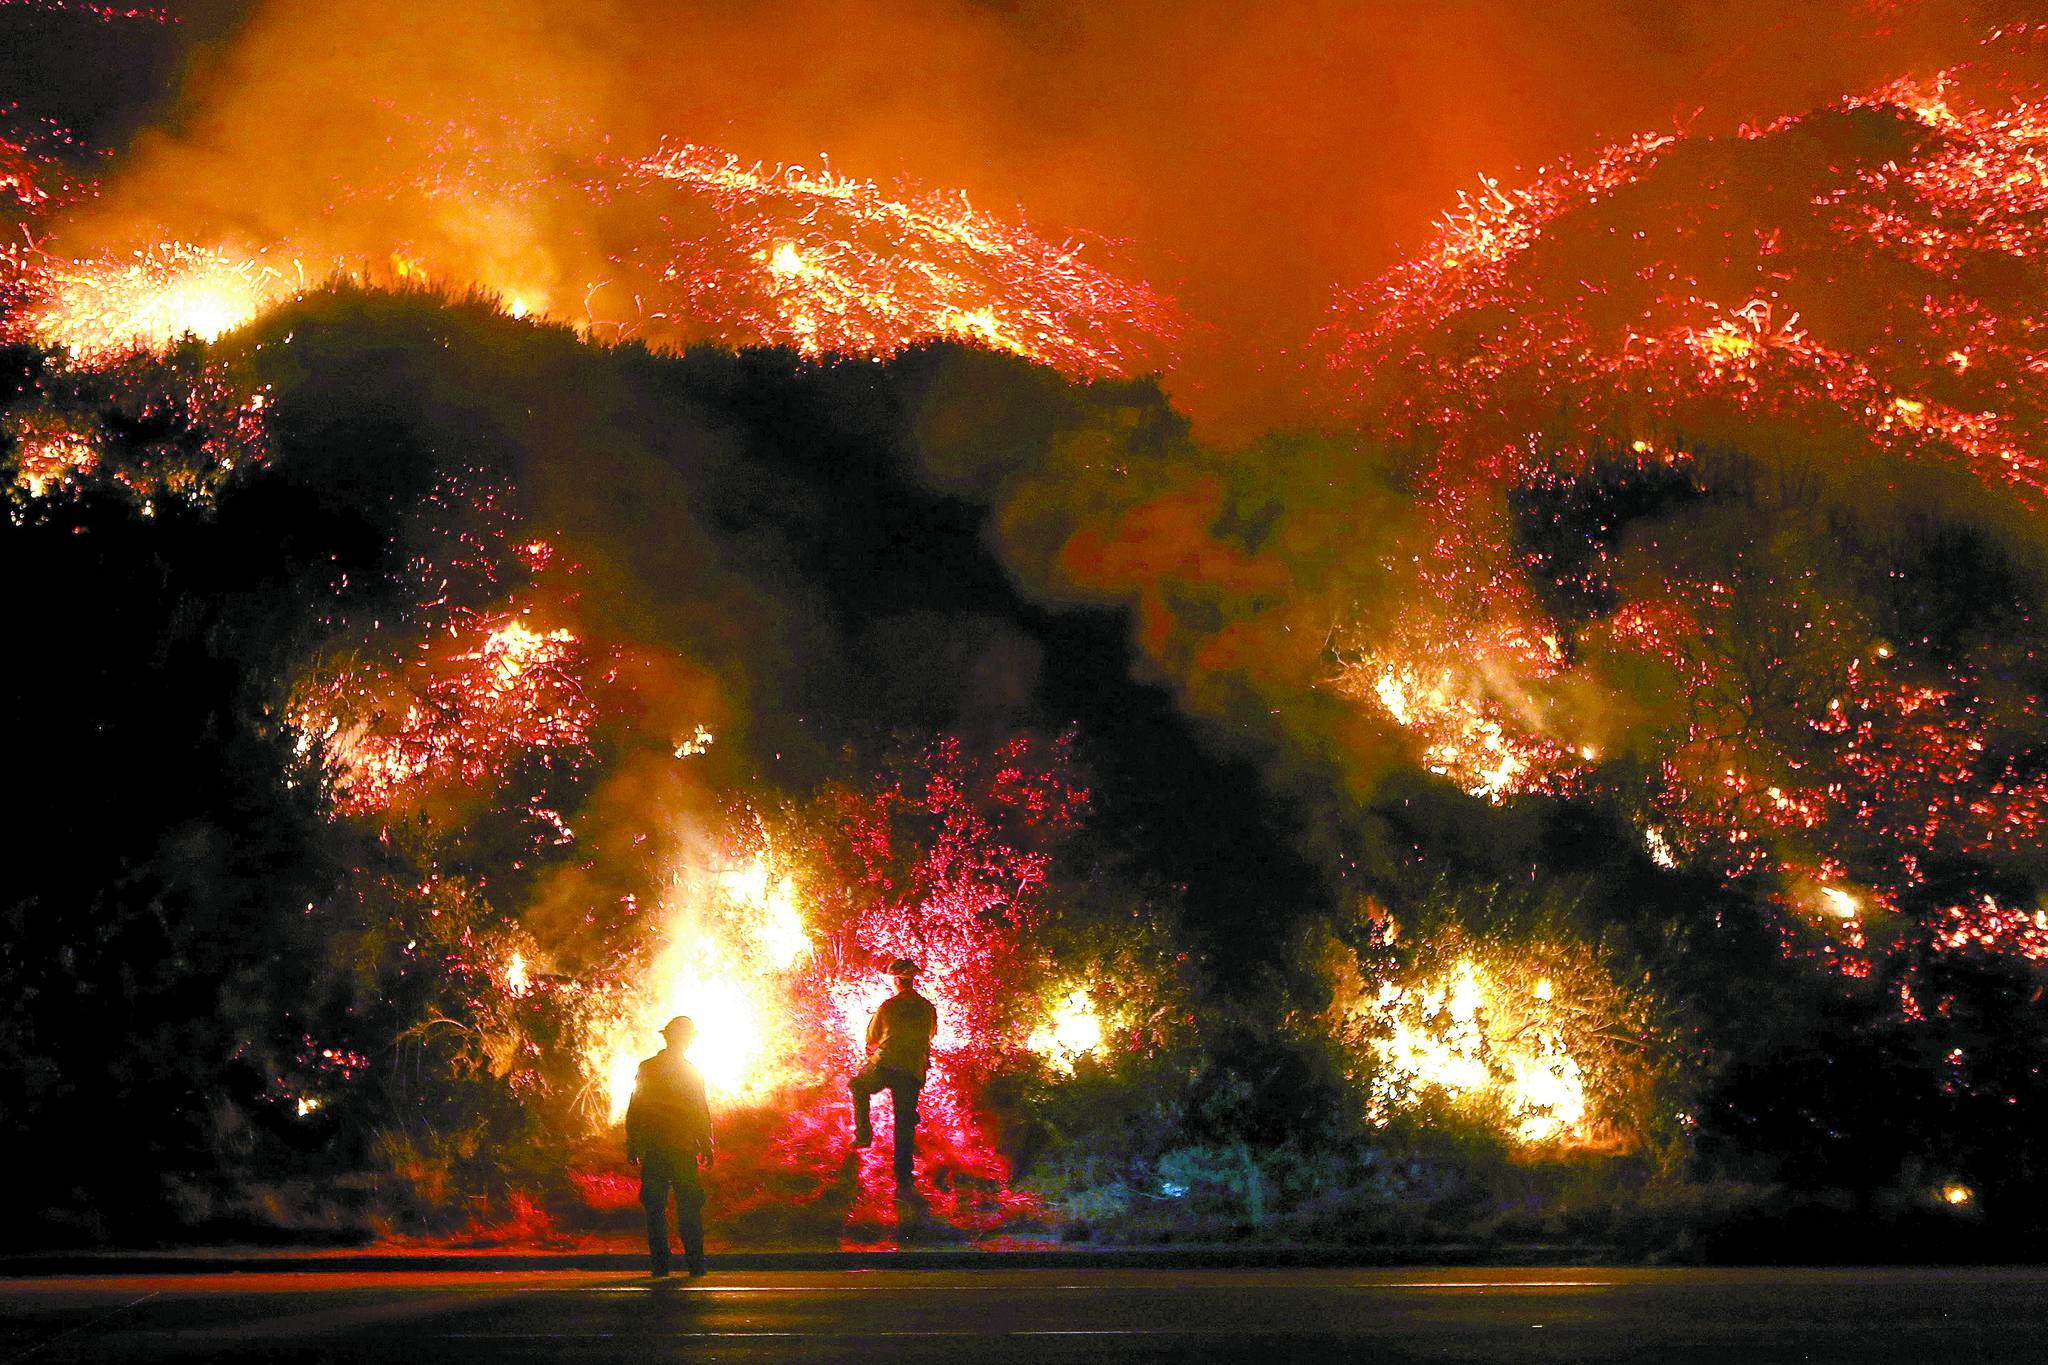 캘리포니아 산불로 미국 연방정부가 비상사태를 선포했다. [중앙포토]